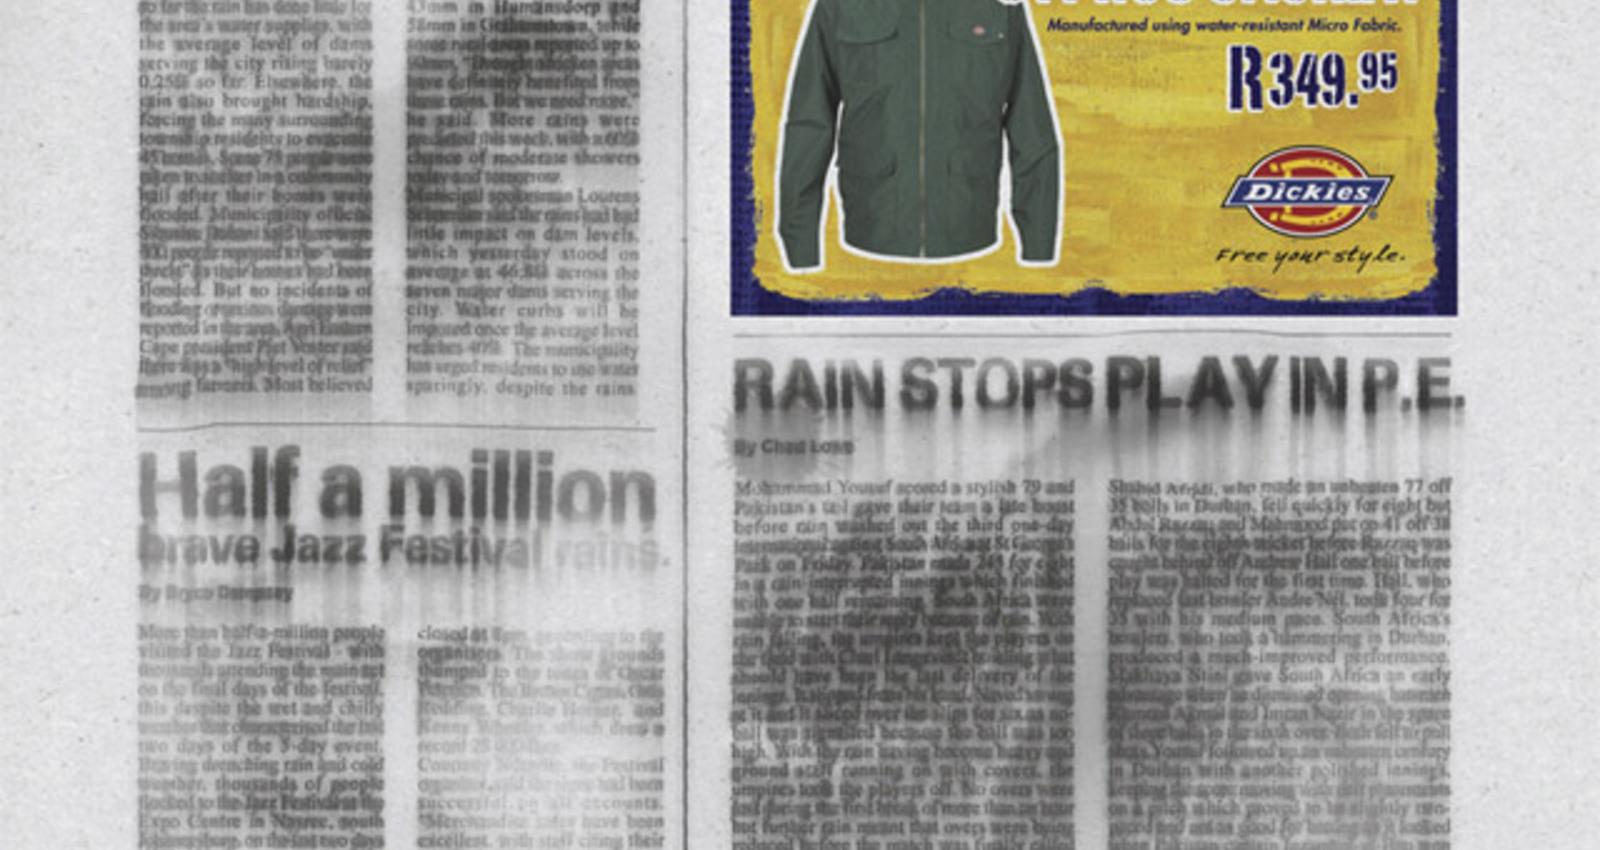 Dickies 'Raincoat'